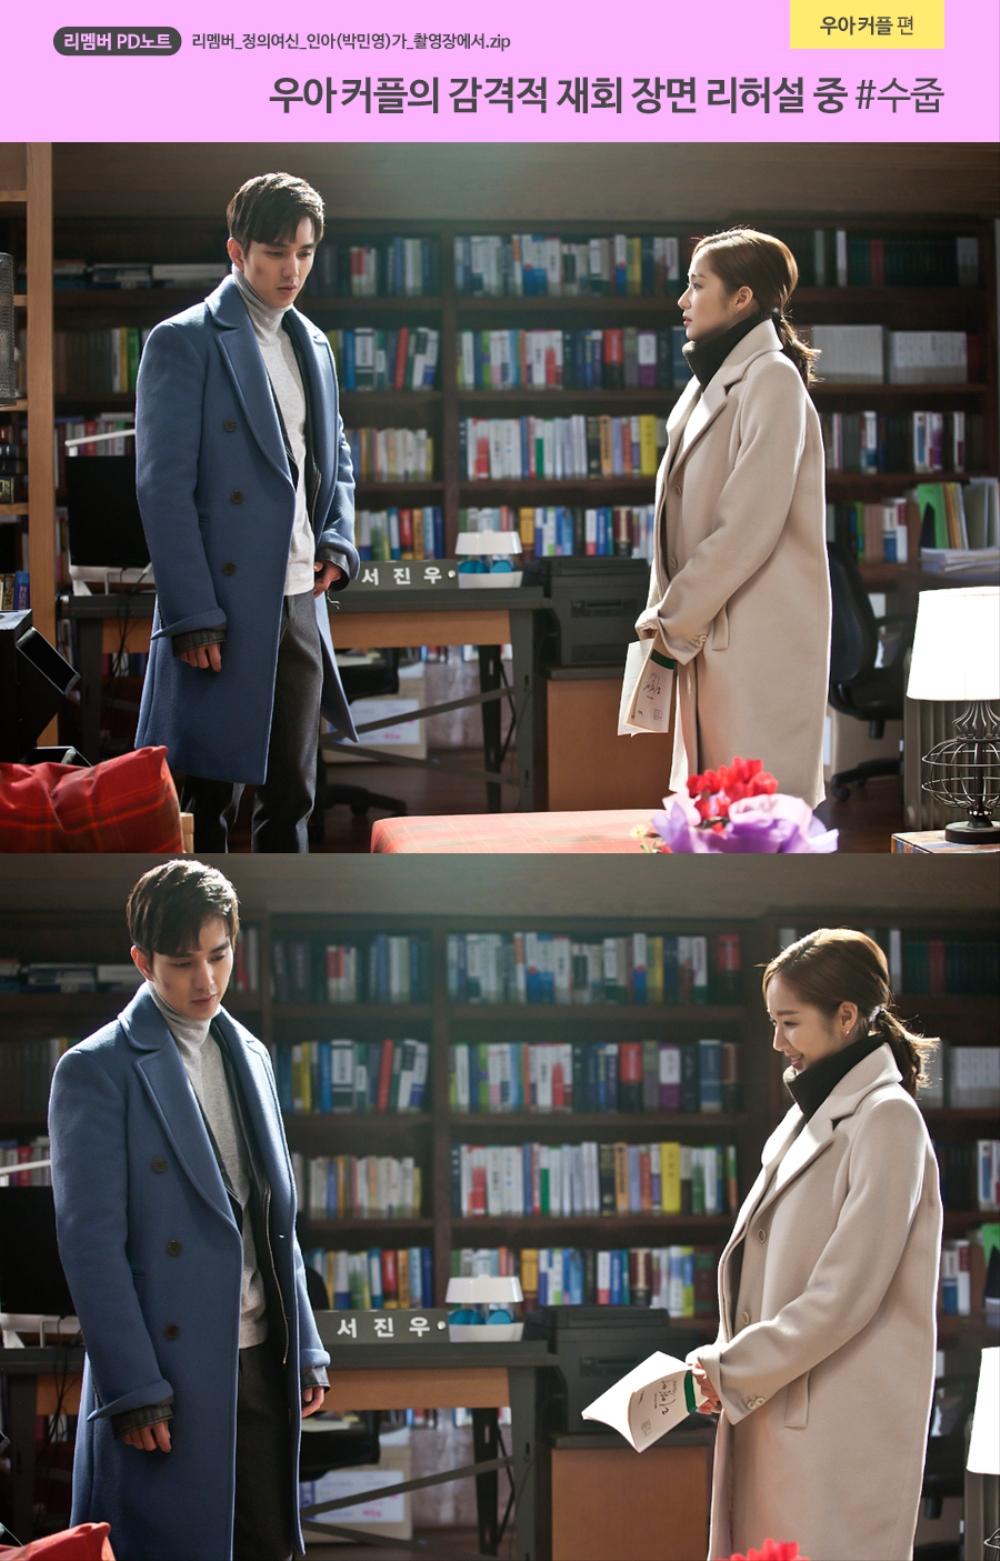 우아 커플의 감격적 재회 장면을 리허설 중인 박민영과 유승호